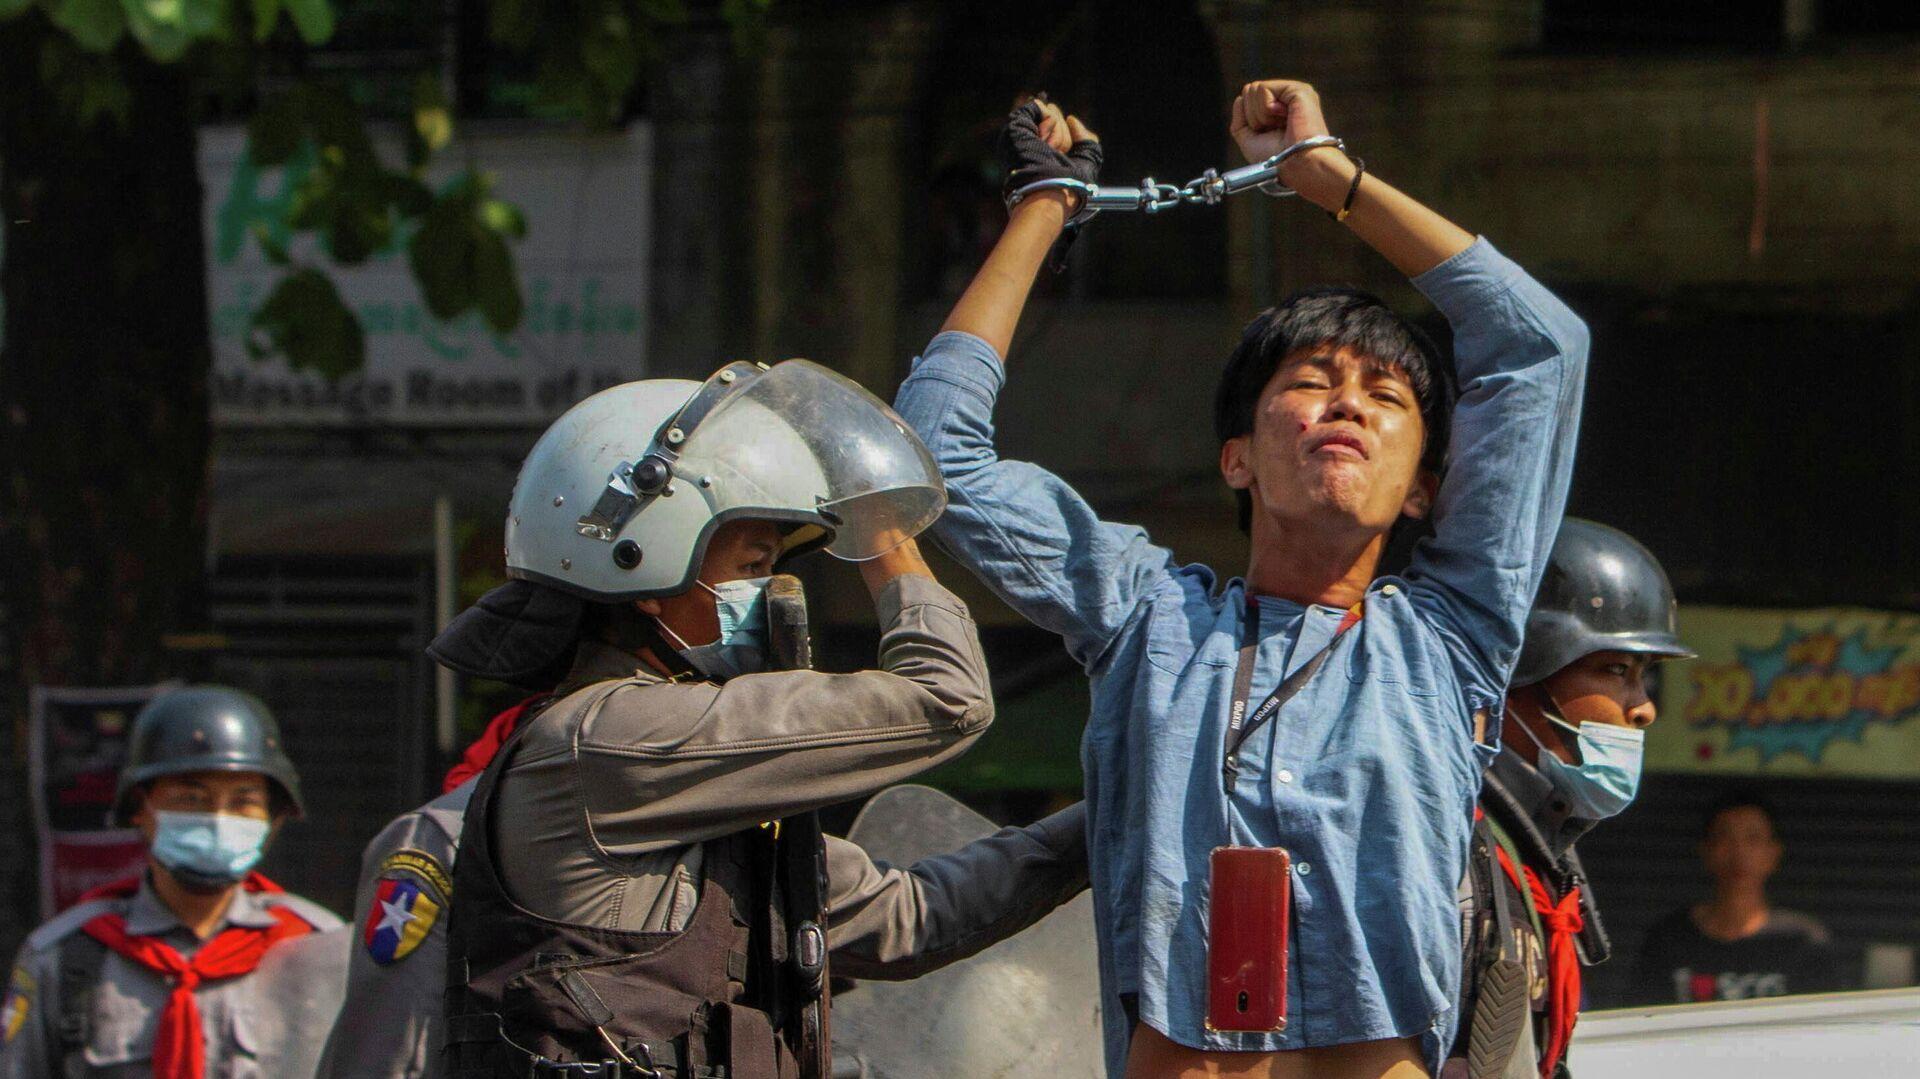 Акция протеста против военного переворота в Янгоне, Мьянма - РИА Новости, 1920, 16.03.2021